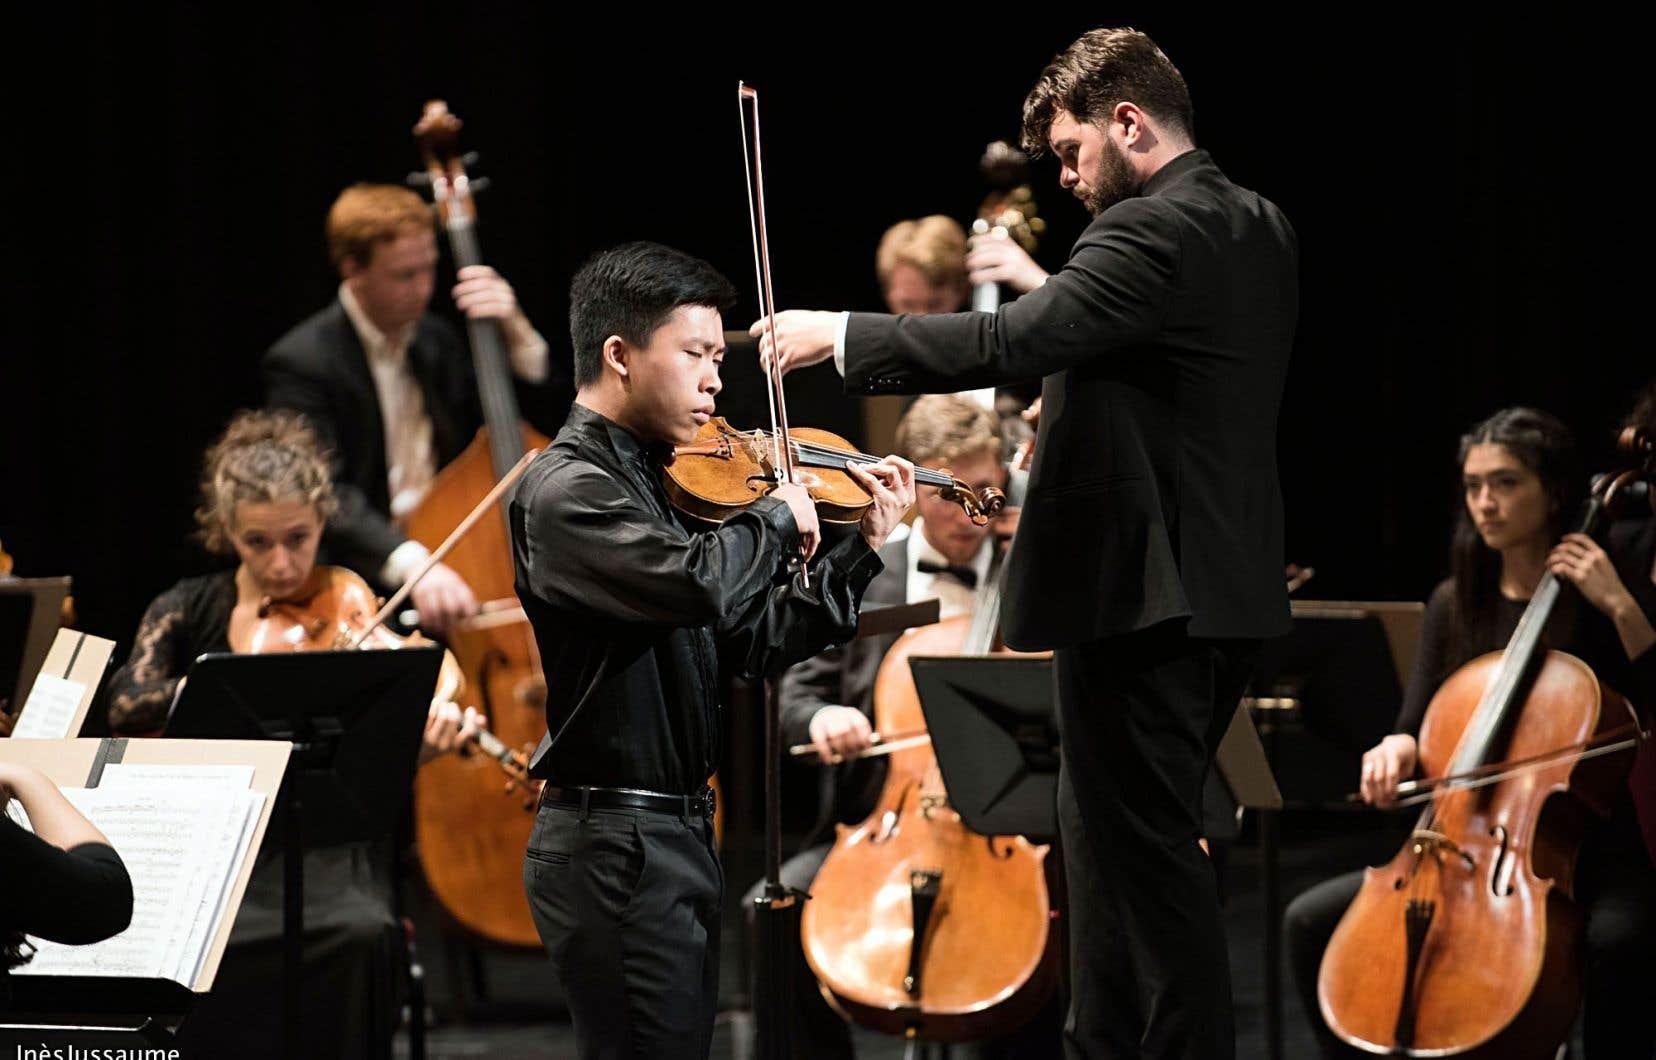 Le concert planifié par Jean-Philippe Tremblay a été dirigé par Simon Rivard, qui assure cette saison estivale après la défection pour raison de santé du fondateur de l'Orchestre de la Francophonie.